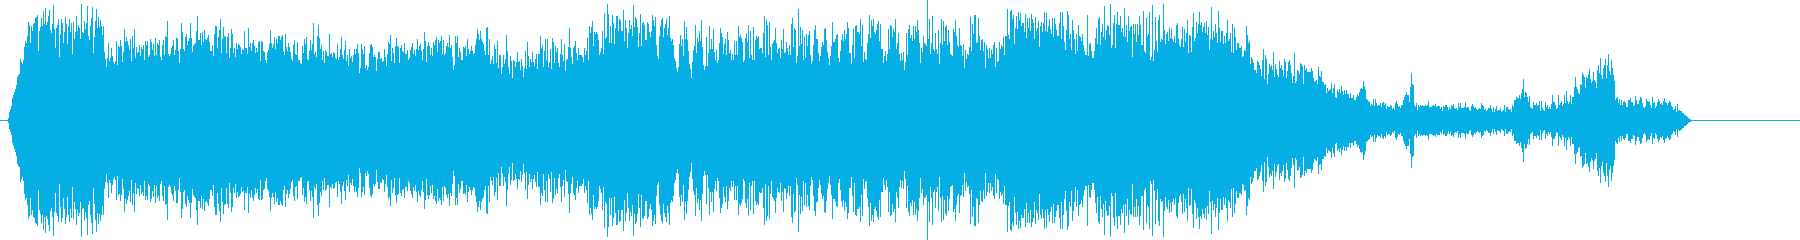 ブルドーザー;作業中の2つのブルド...の再生済みの波形